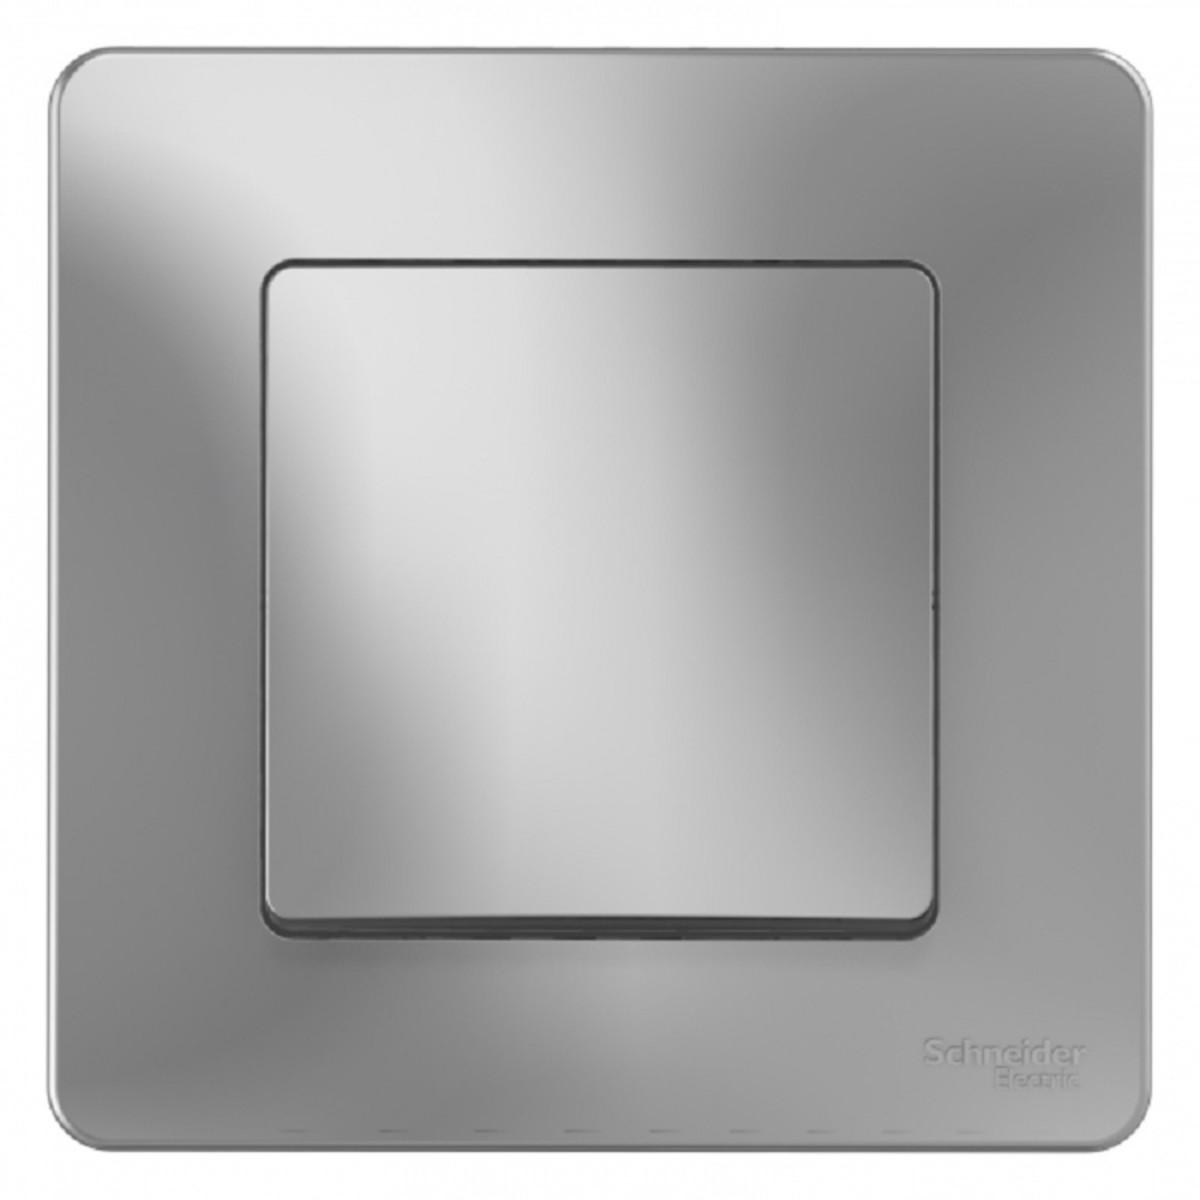 Выключатель встраиваемый Schneider Electric Blanca 1 клавиша цвет алюминий